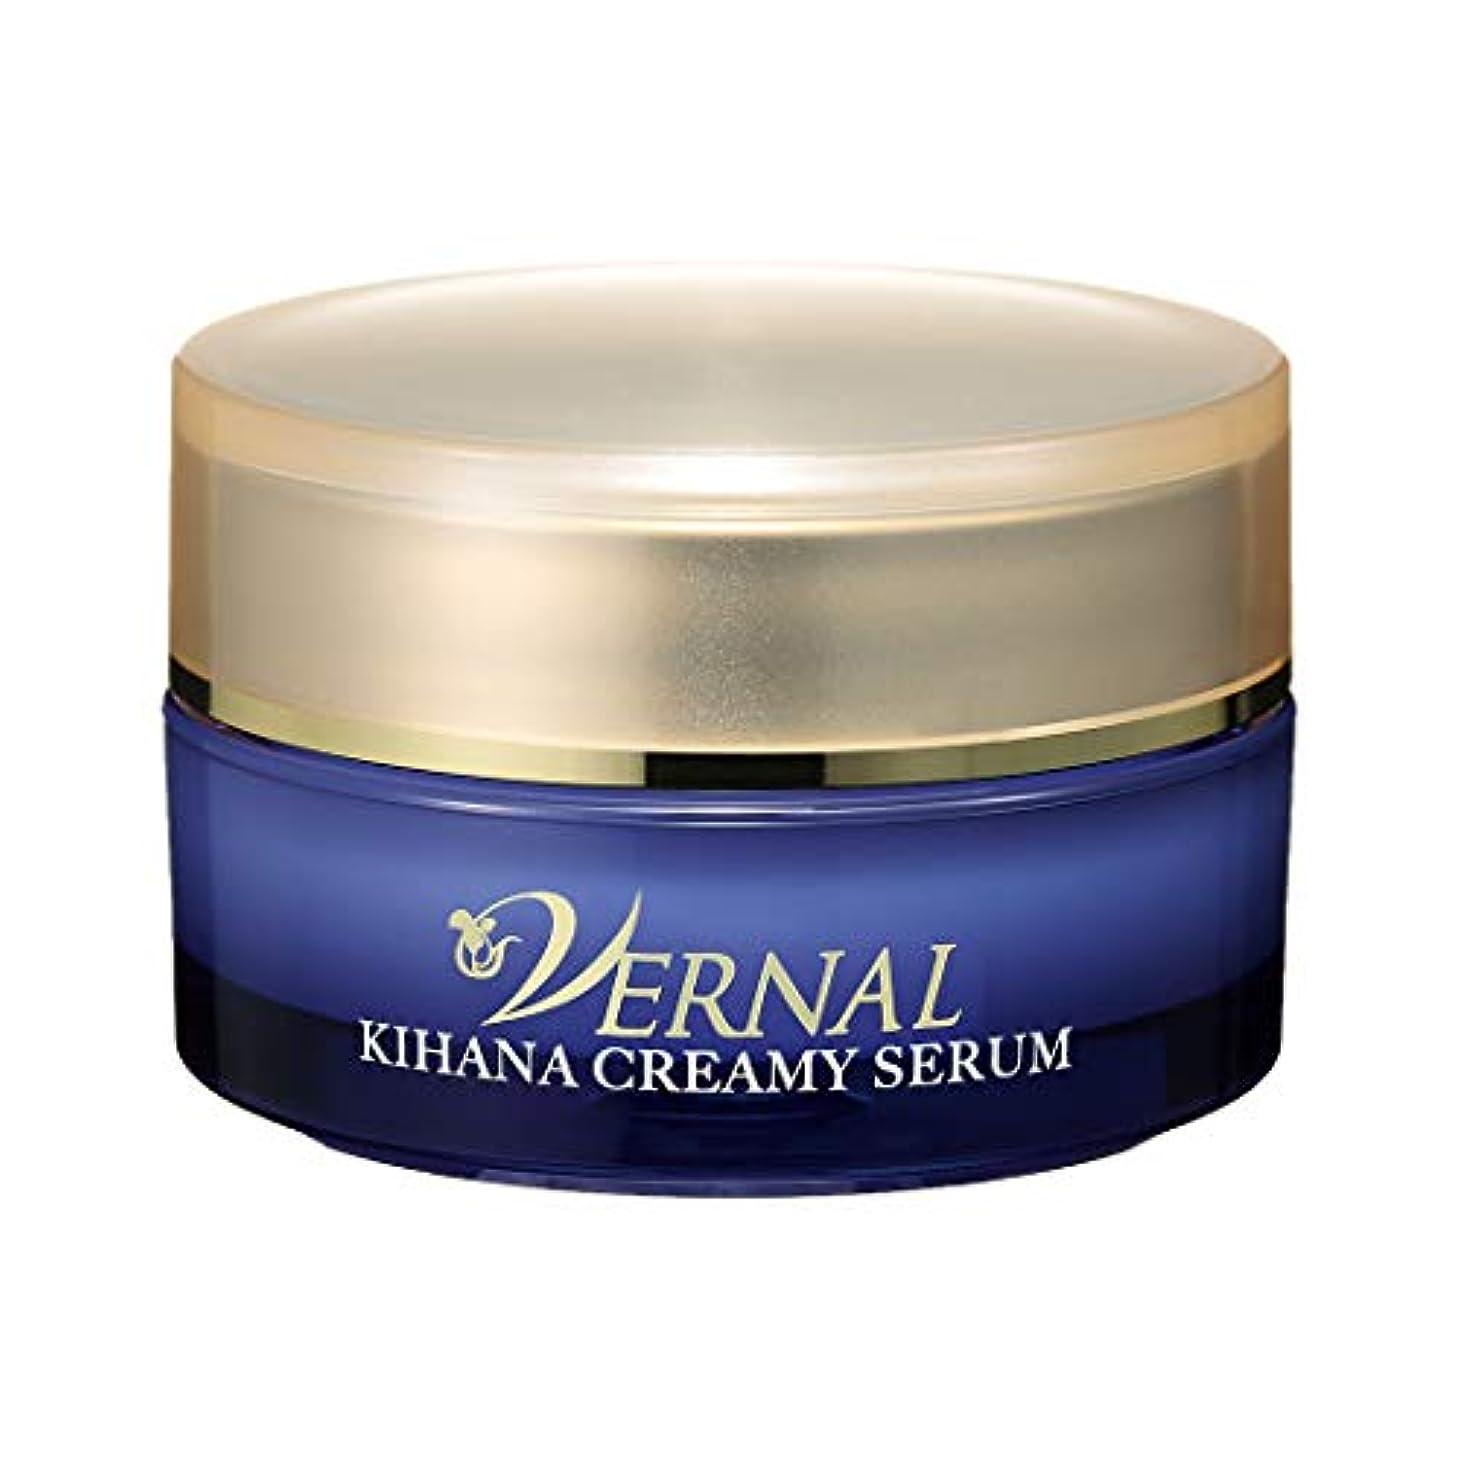 床を掃除するにじみ出るキリスト教キハナクリーミーセラム 30g/ヴァーナル 美容液 美容クリーム